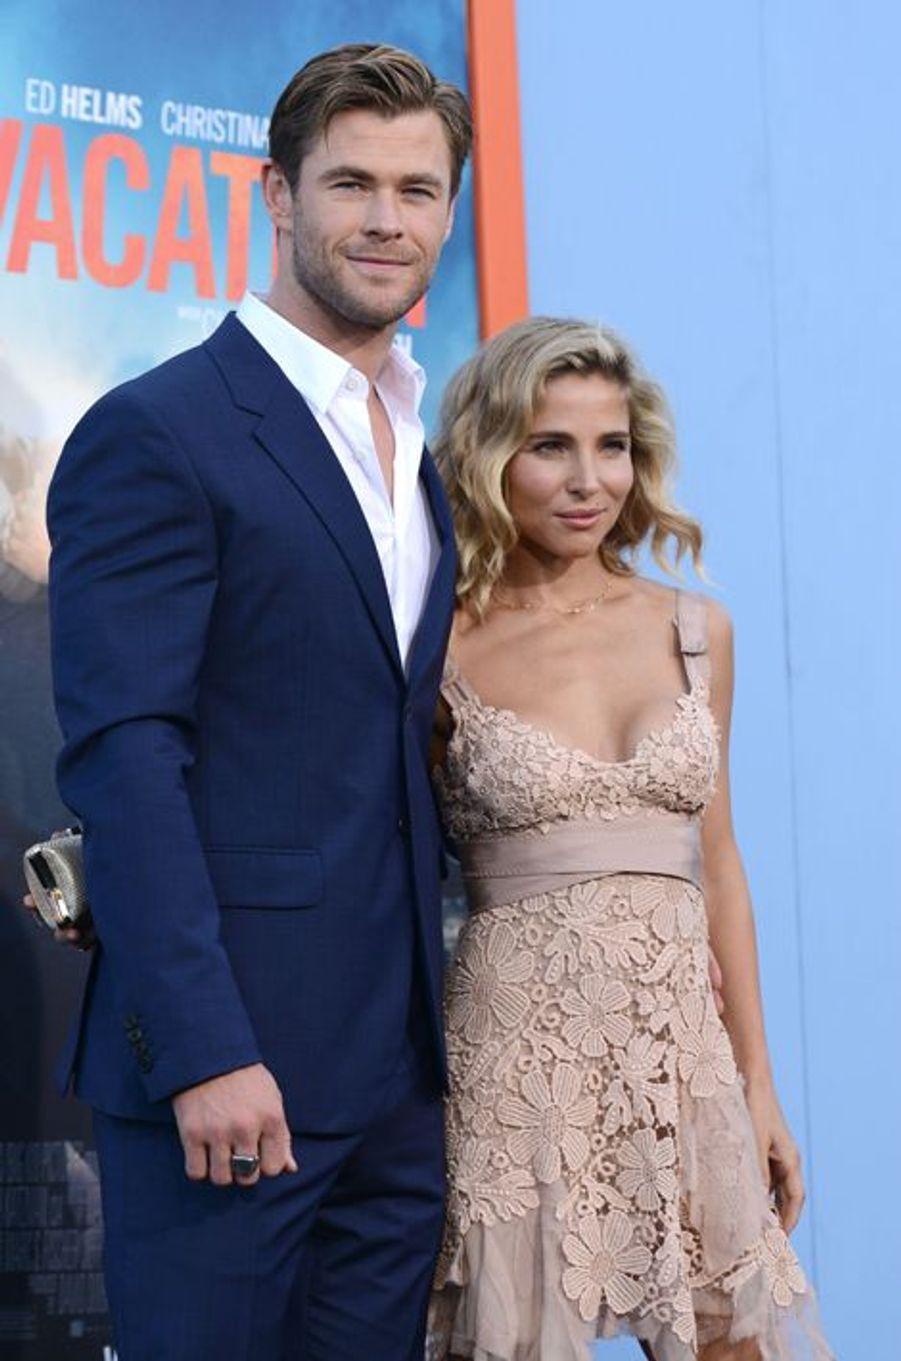 Chris Hemsworth et Elsa Pataky à Los Angeles le 27 février 2015